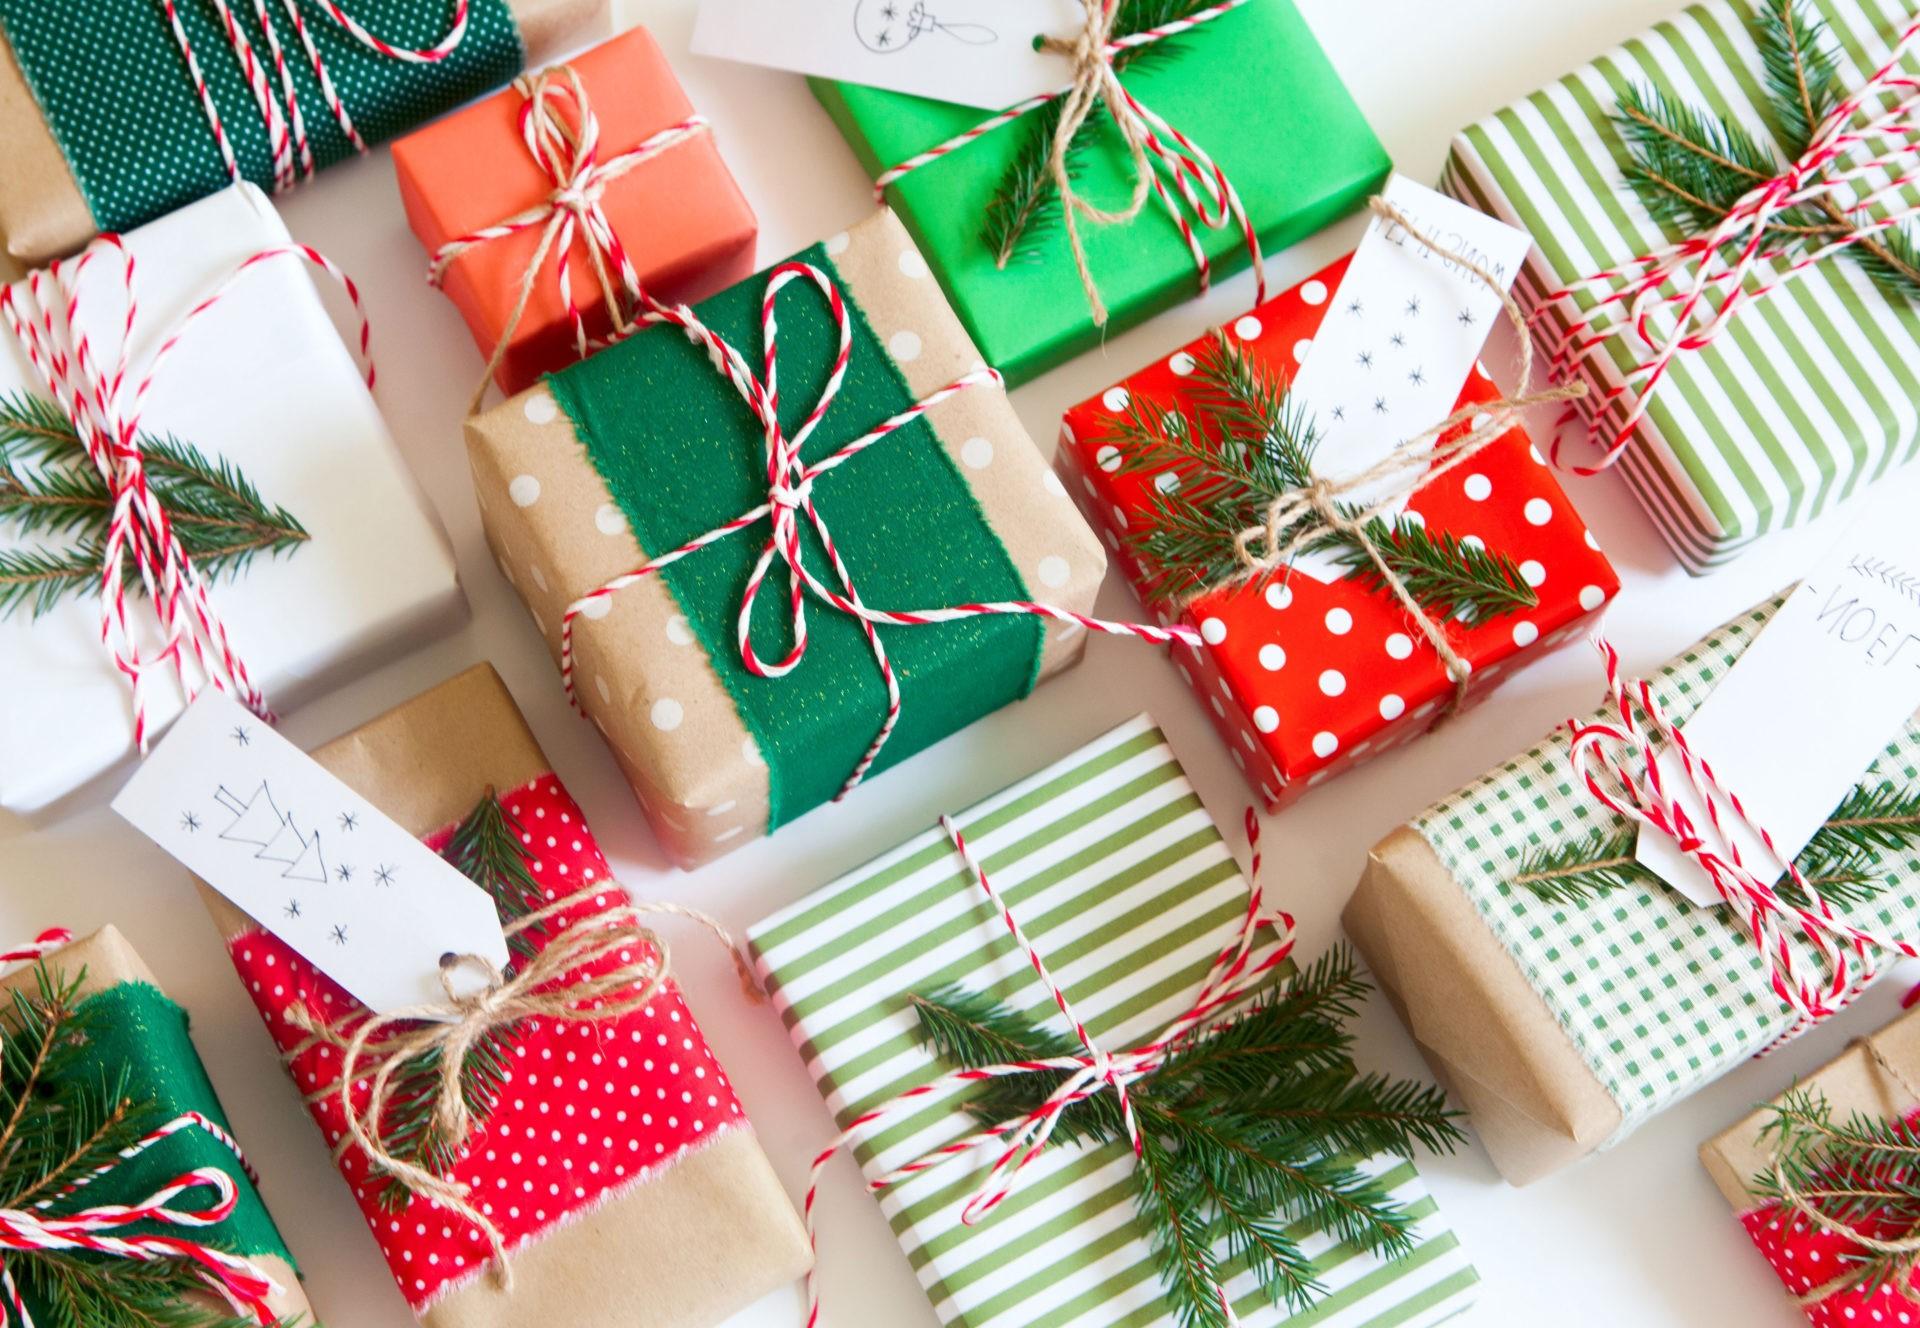 Emballage cadeau rouge, vert et blanc décoré de plantes à feuilles persistantes.